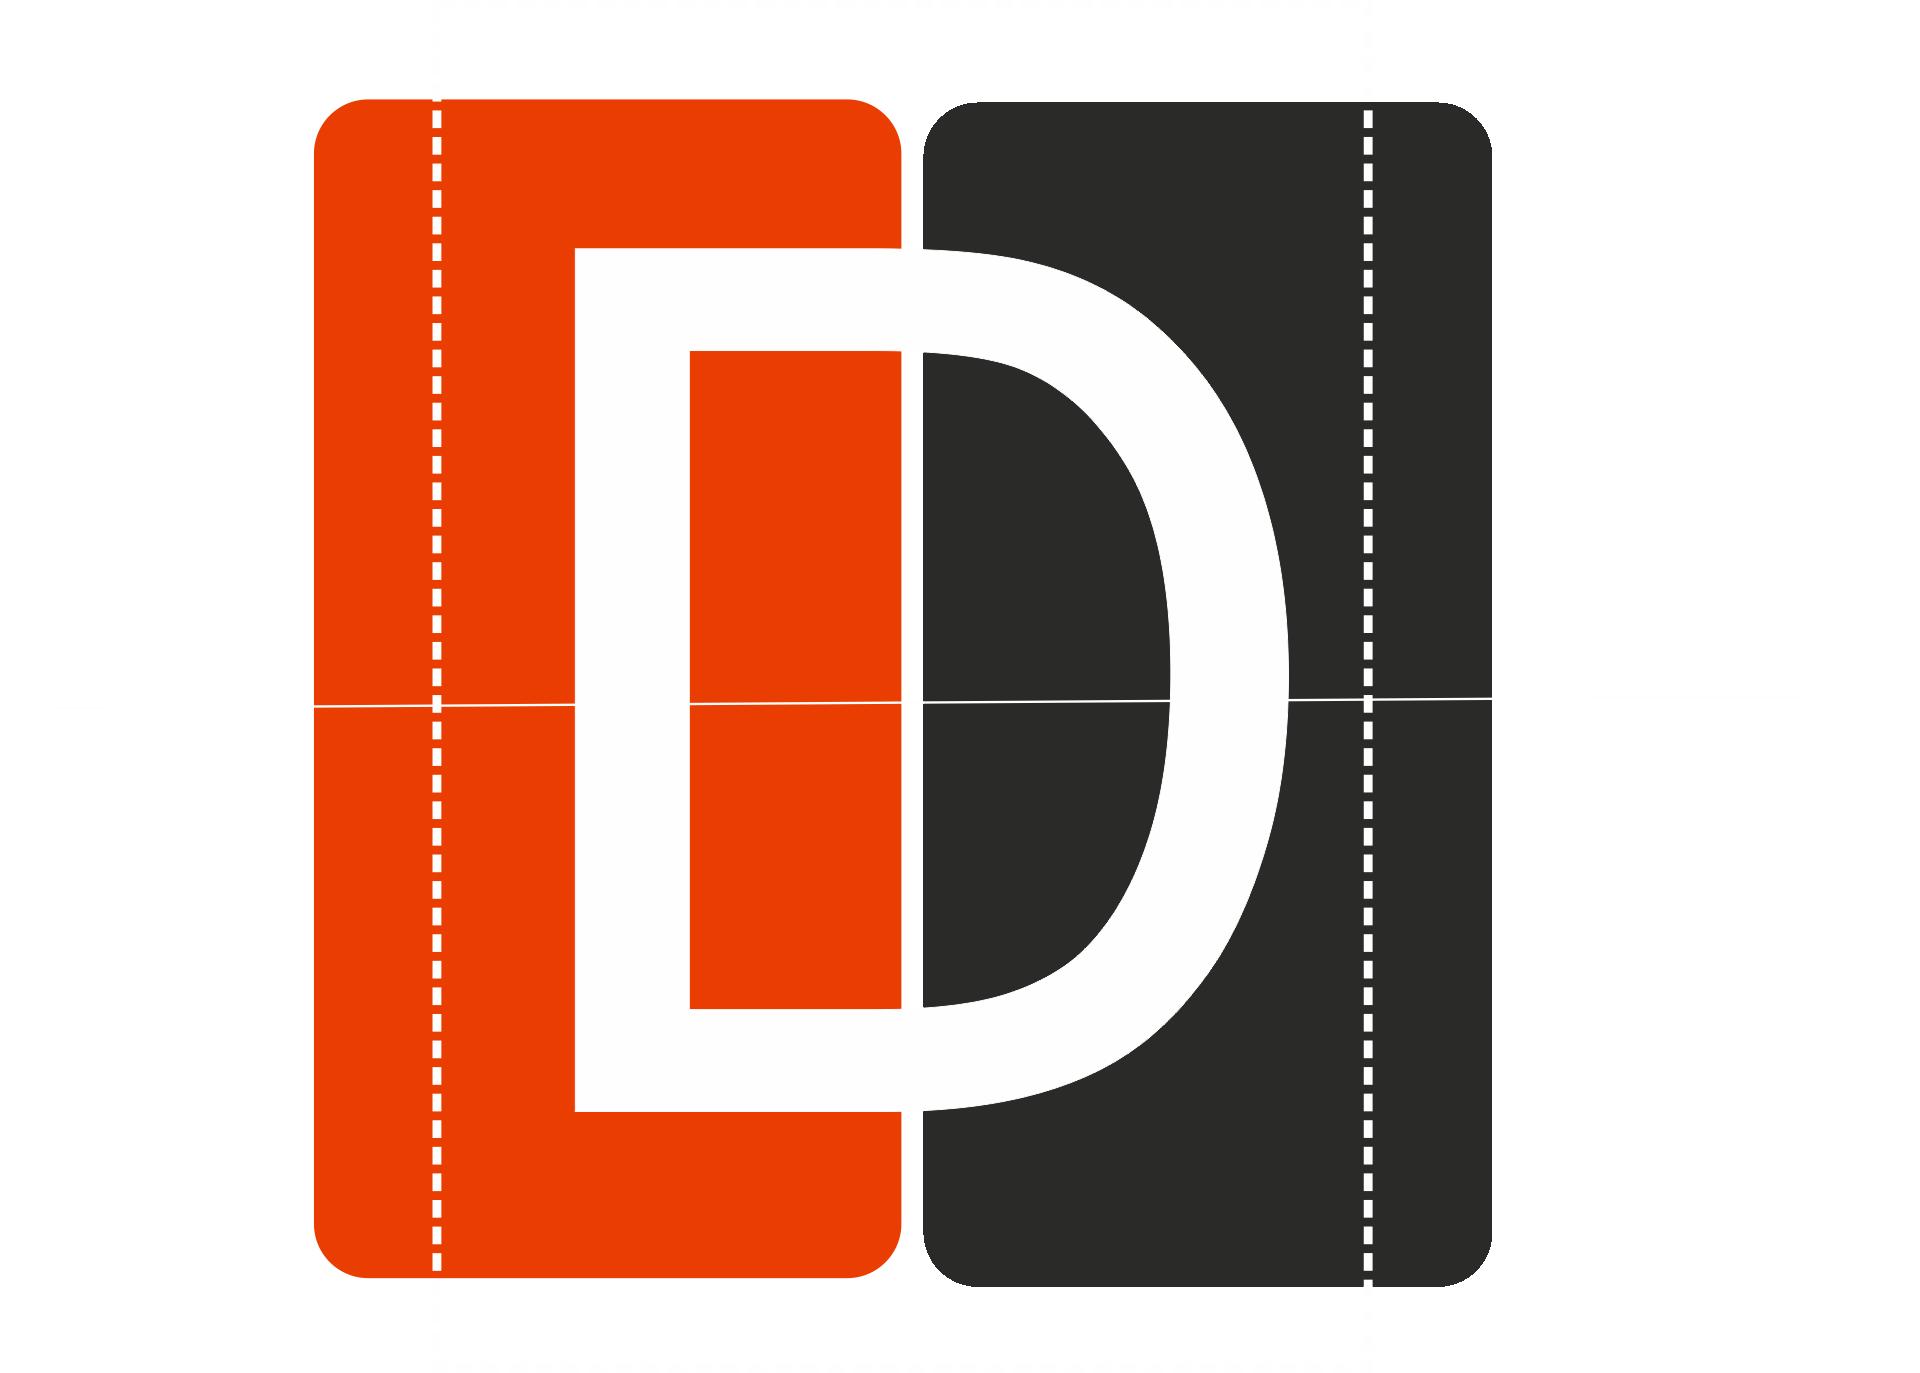 Isotipo de Dolbuck Seguridad Informática en nuestra página de información de contacto.